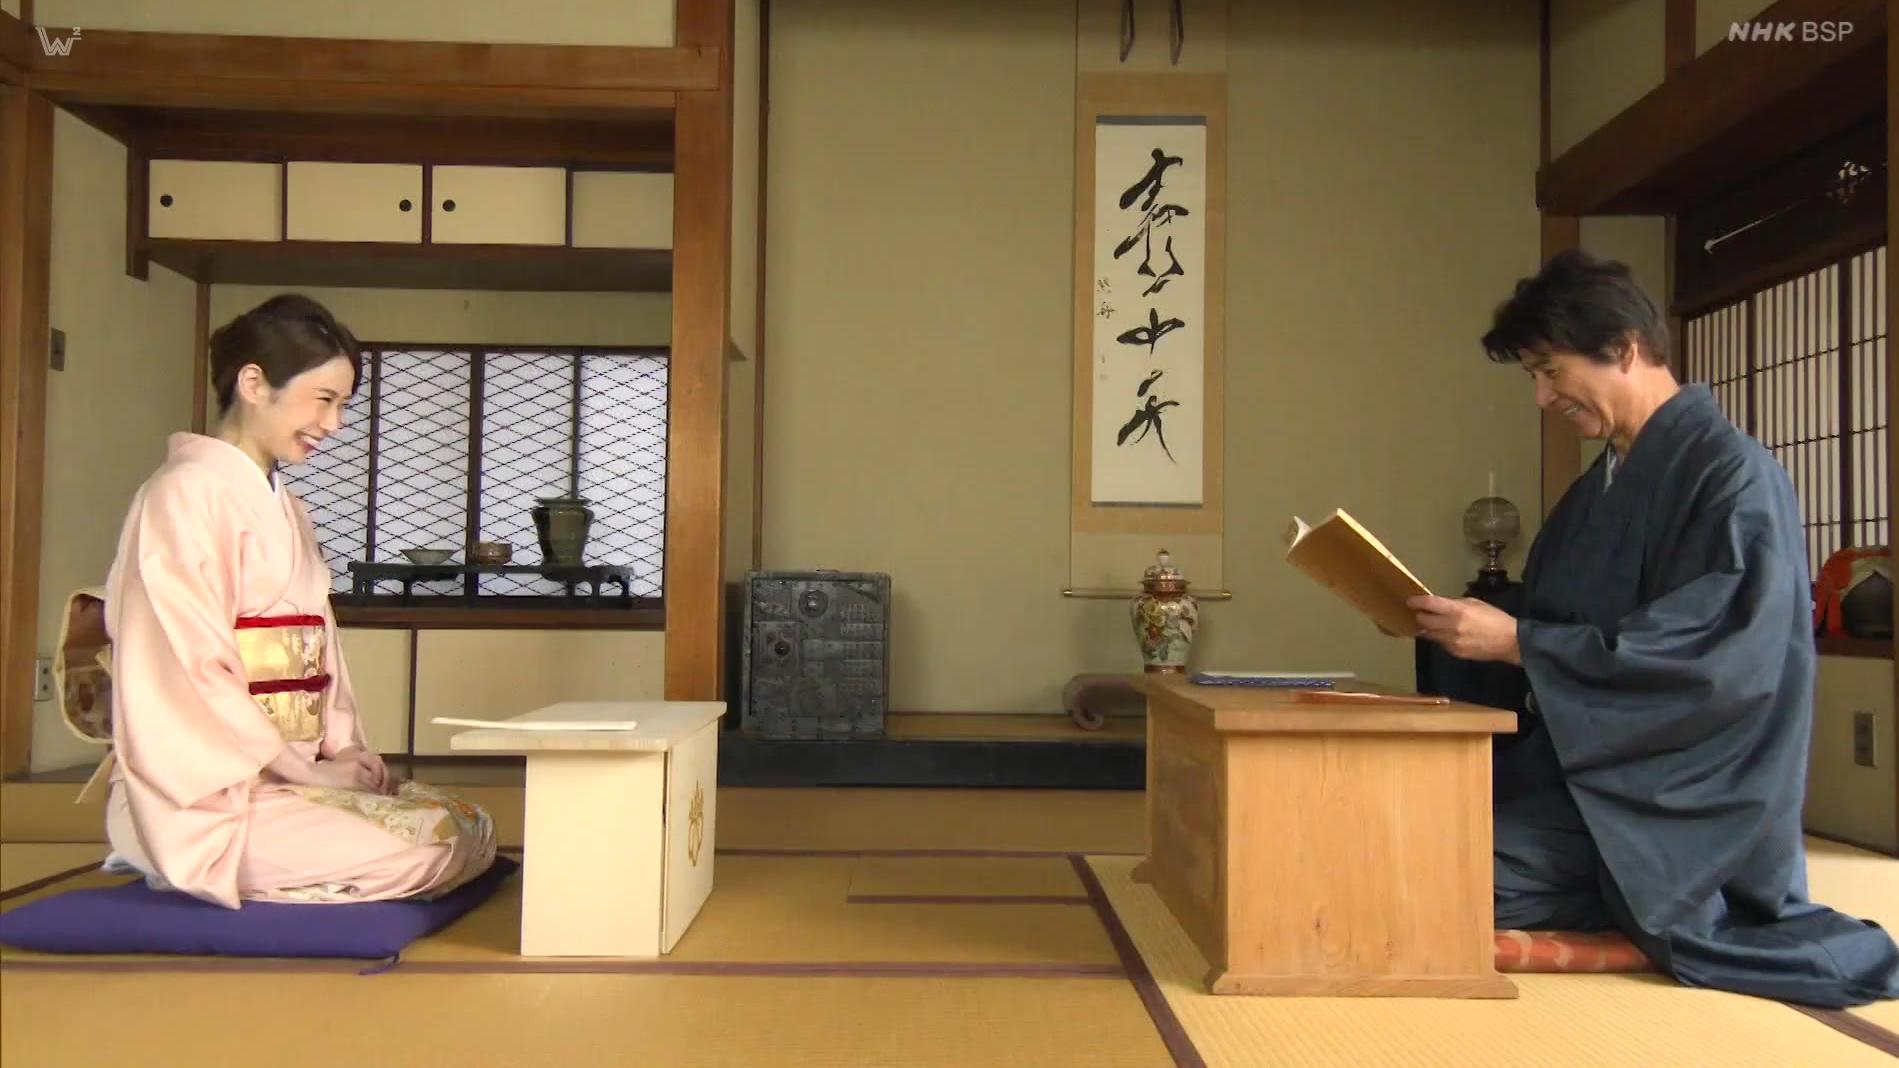 【纪录片】【美之壶:评书】【1080P】【中日双语】